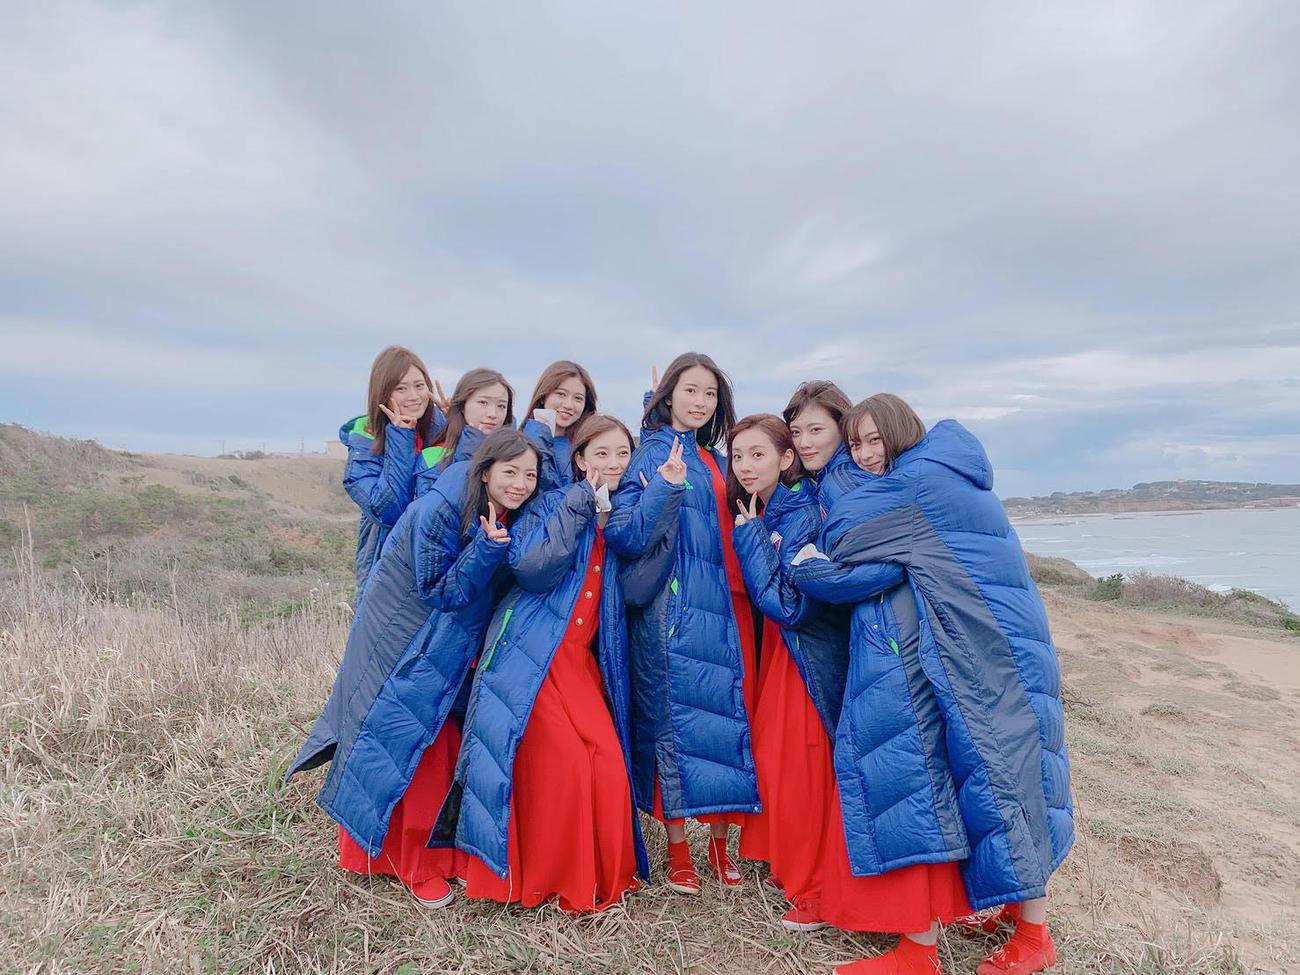 乃木坂46・2期生だけの単独ライブが3月7日に決定しました!是非、遊びに来て下さい!お待ちしております!